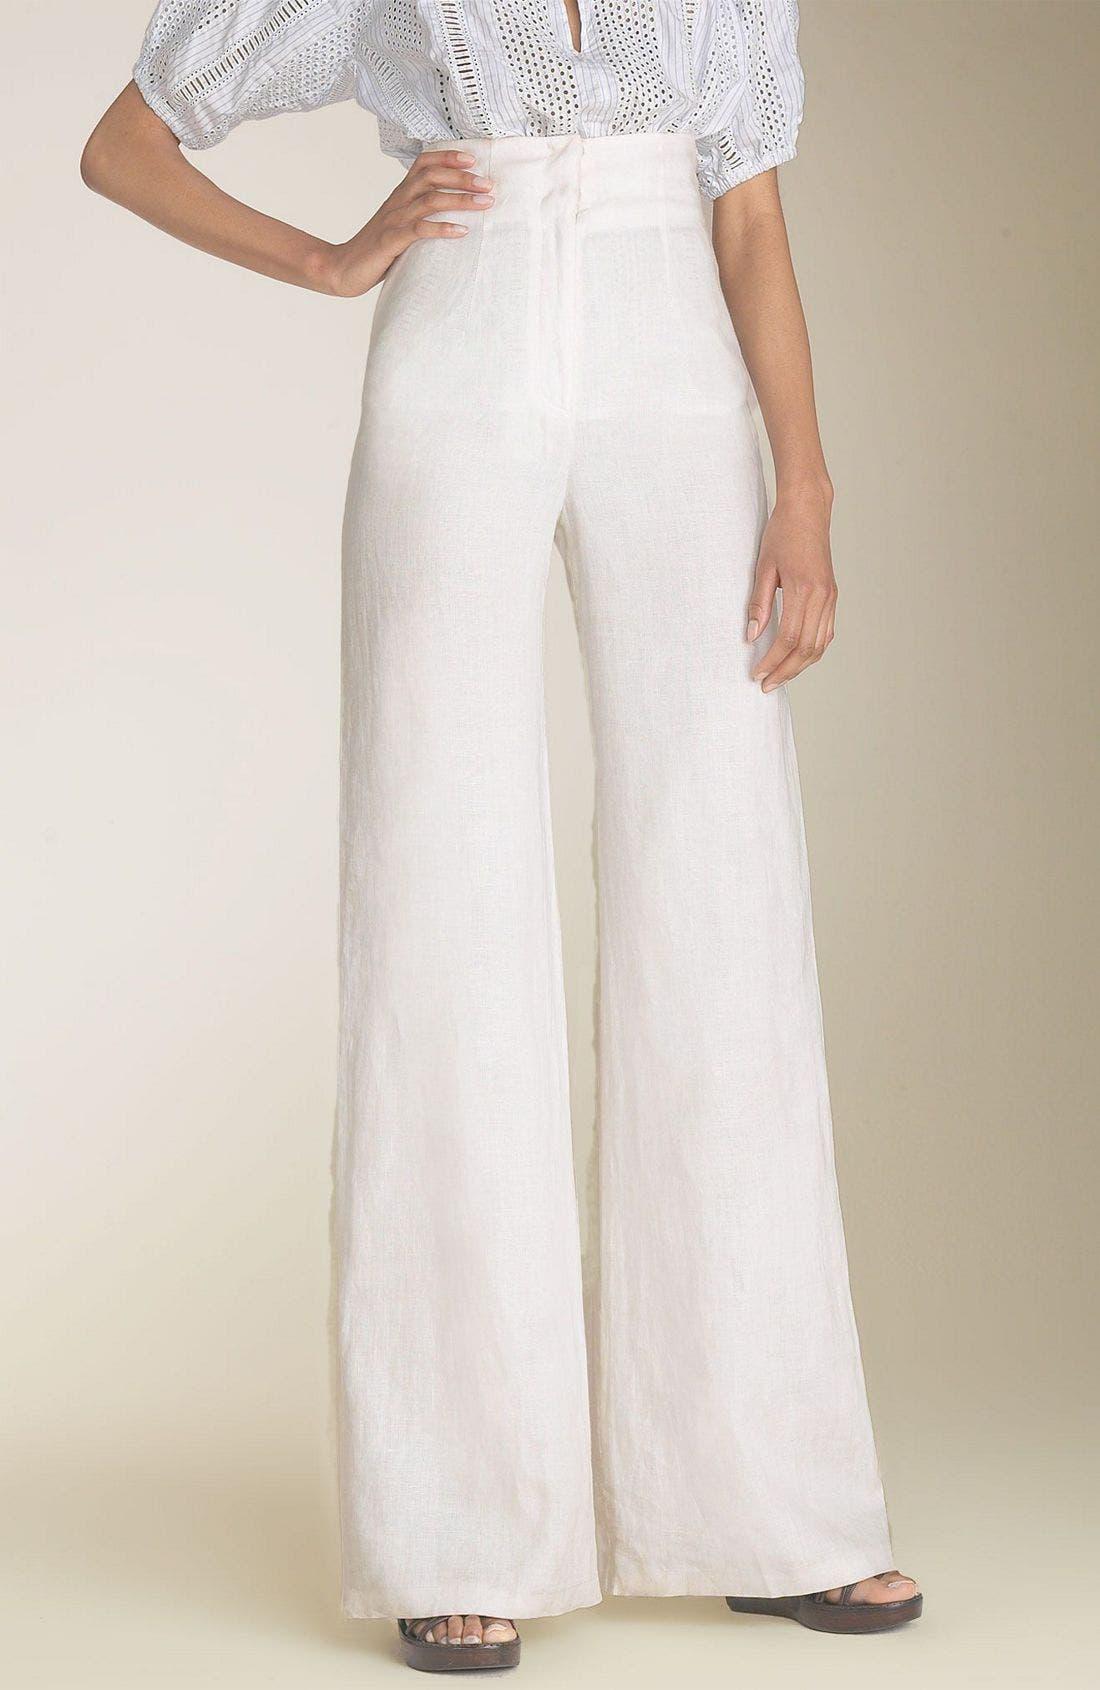 Alternate Image 1 Selected - Organic John Patrick High Waist Crinkled Linen Pants